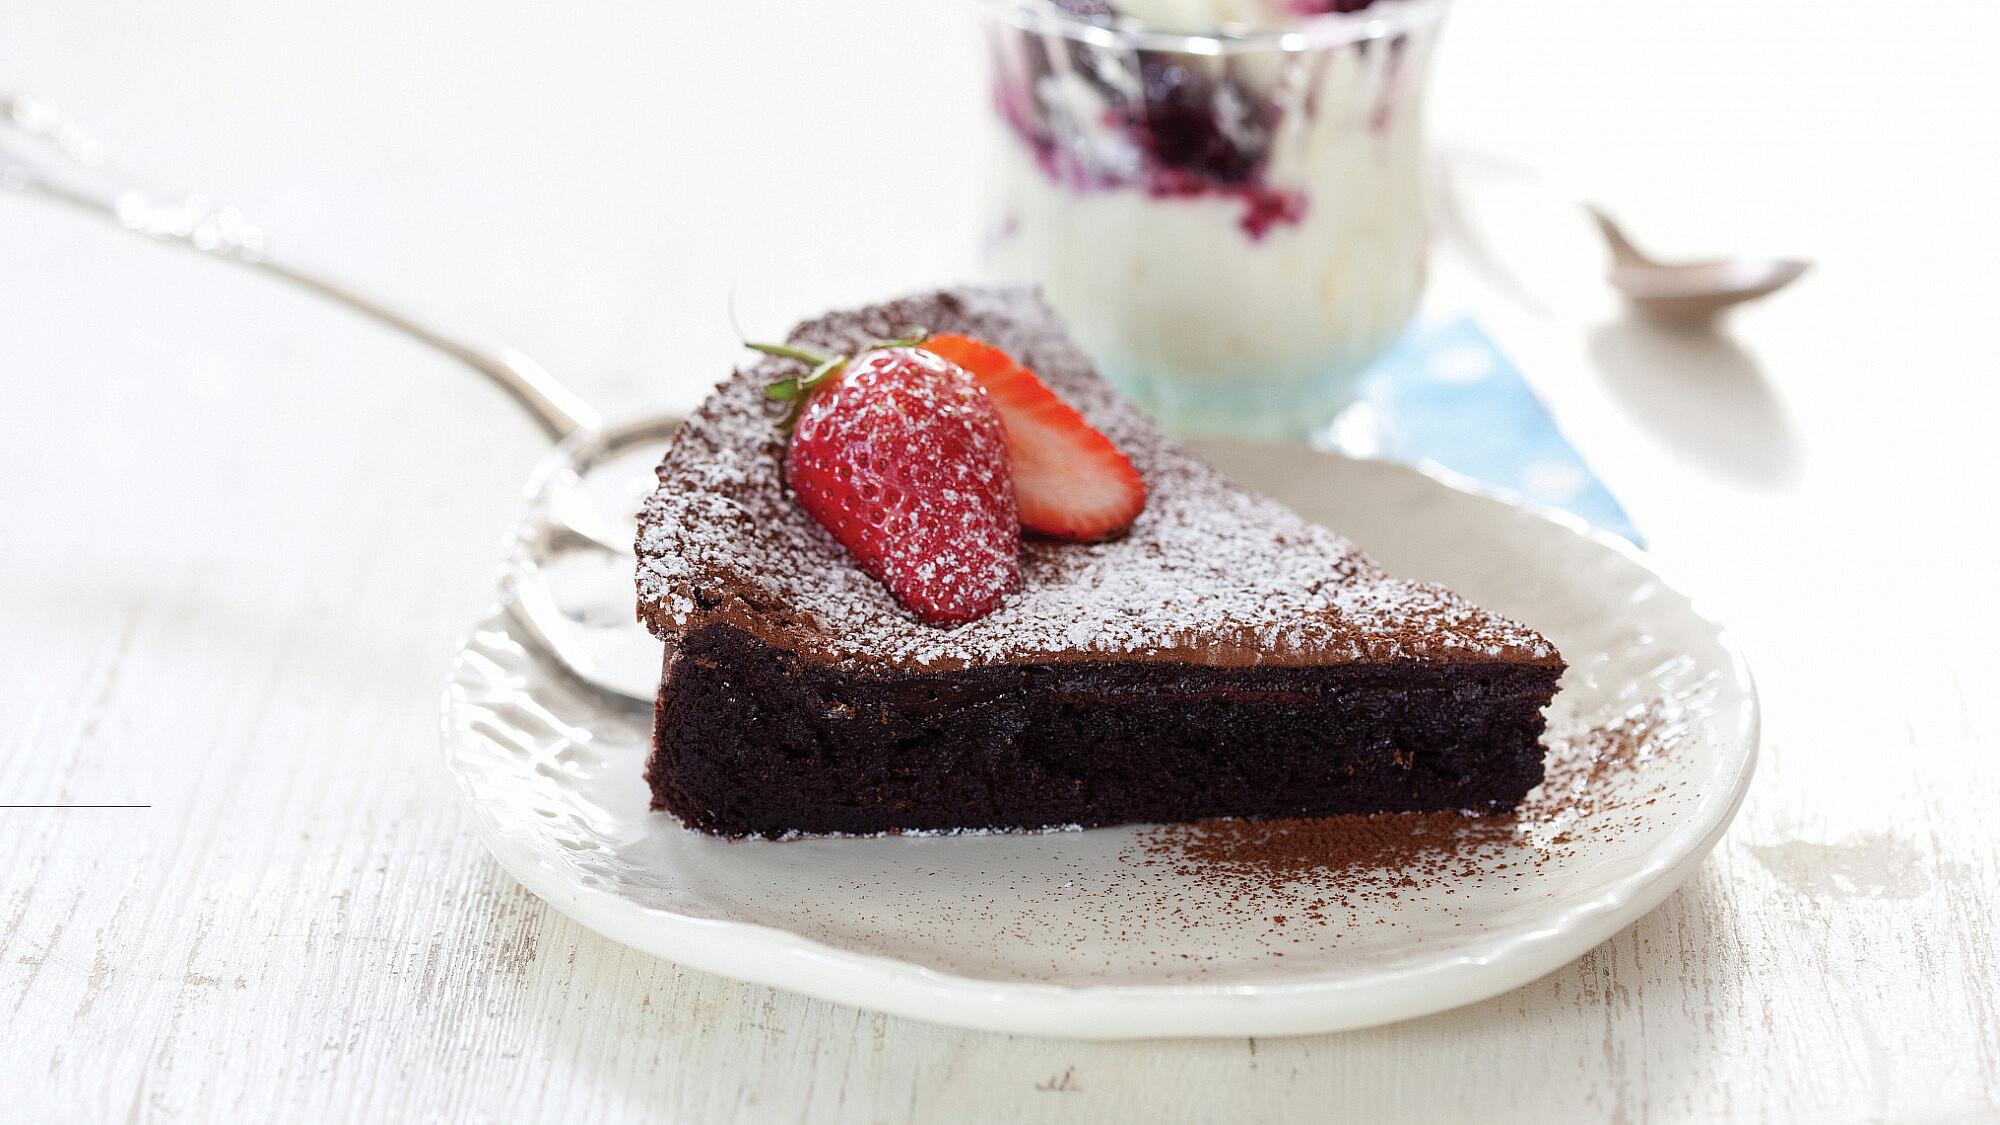 עוגת פאדג' שוקולד של אלכס לביד. צילום: דן לב | סגנון: דלית רוס